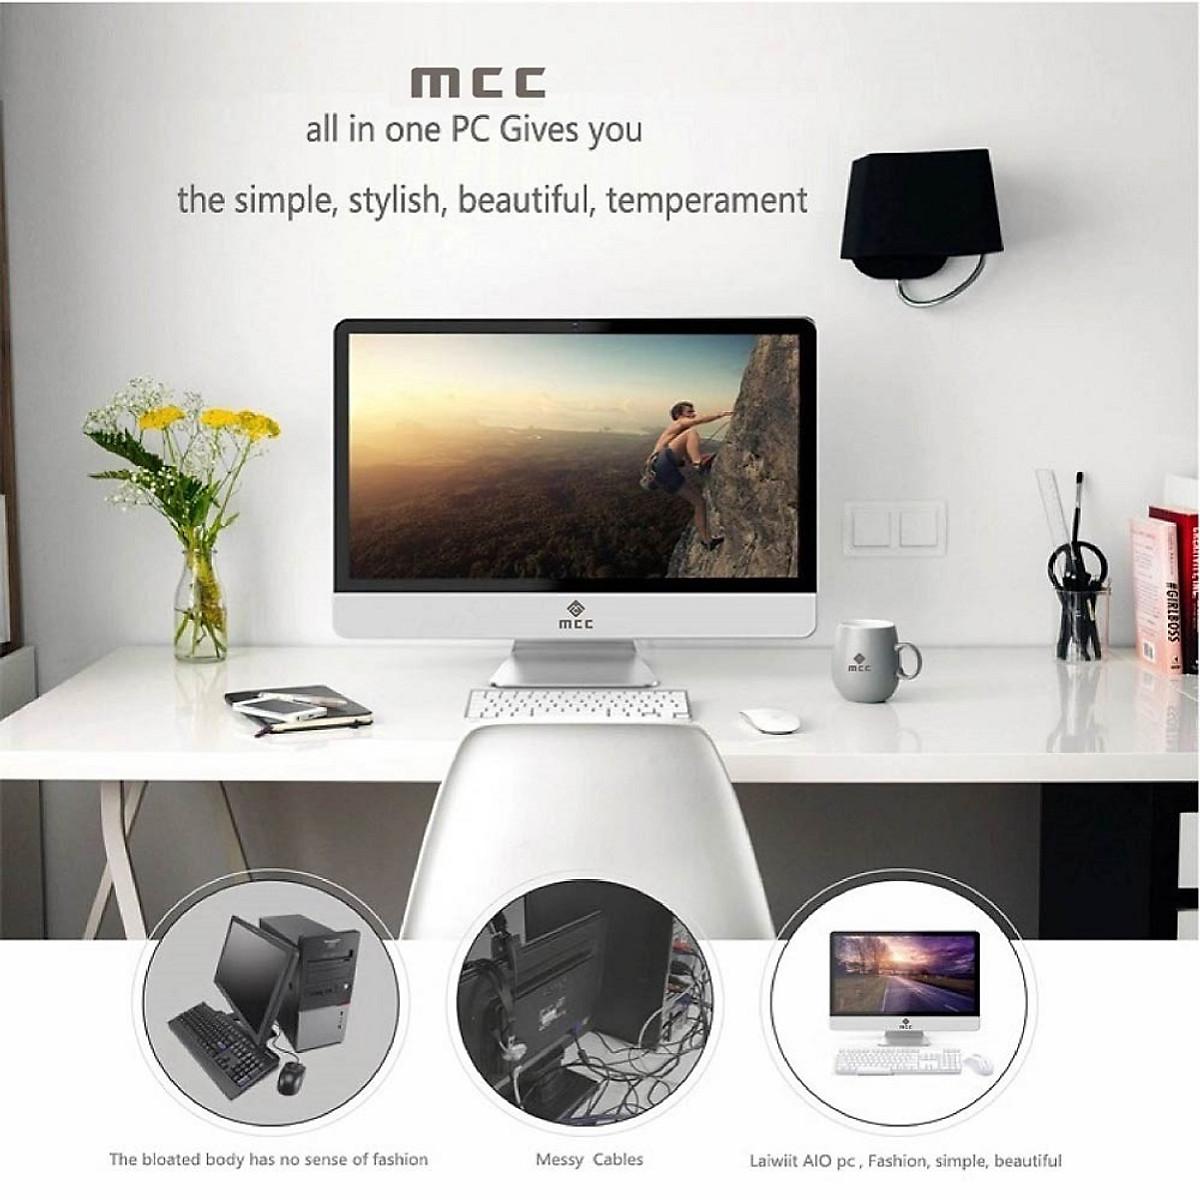 Bộ PC All in ONE (AIO) MCC3281 Home Office Computer CPU i3 3250/ Ram8G/ SSD120G/ Wifi/ 22inch - Hàng Chính Hãng